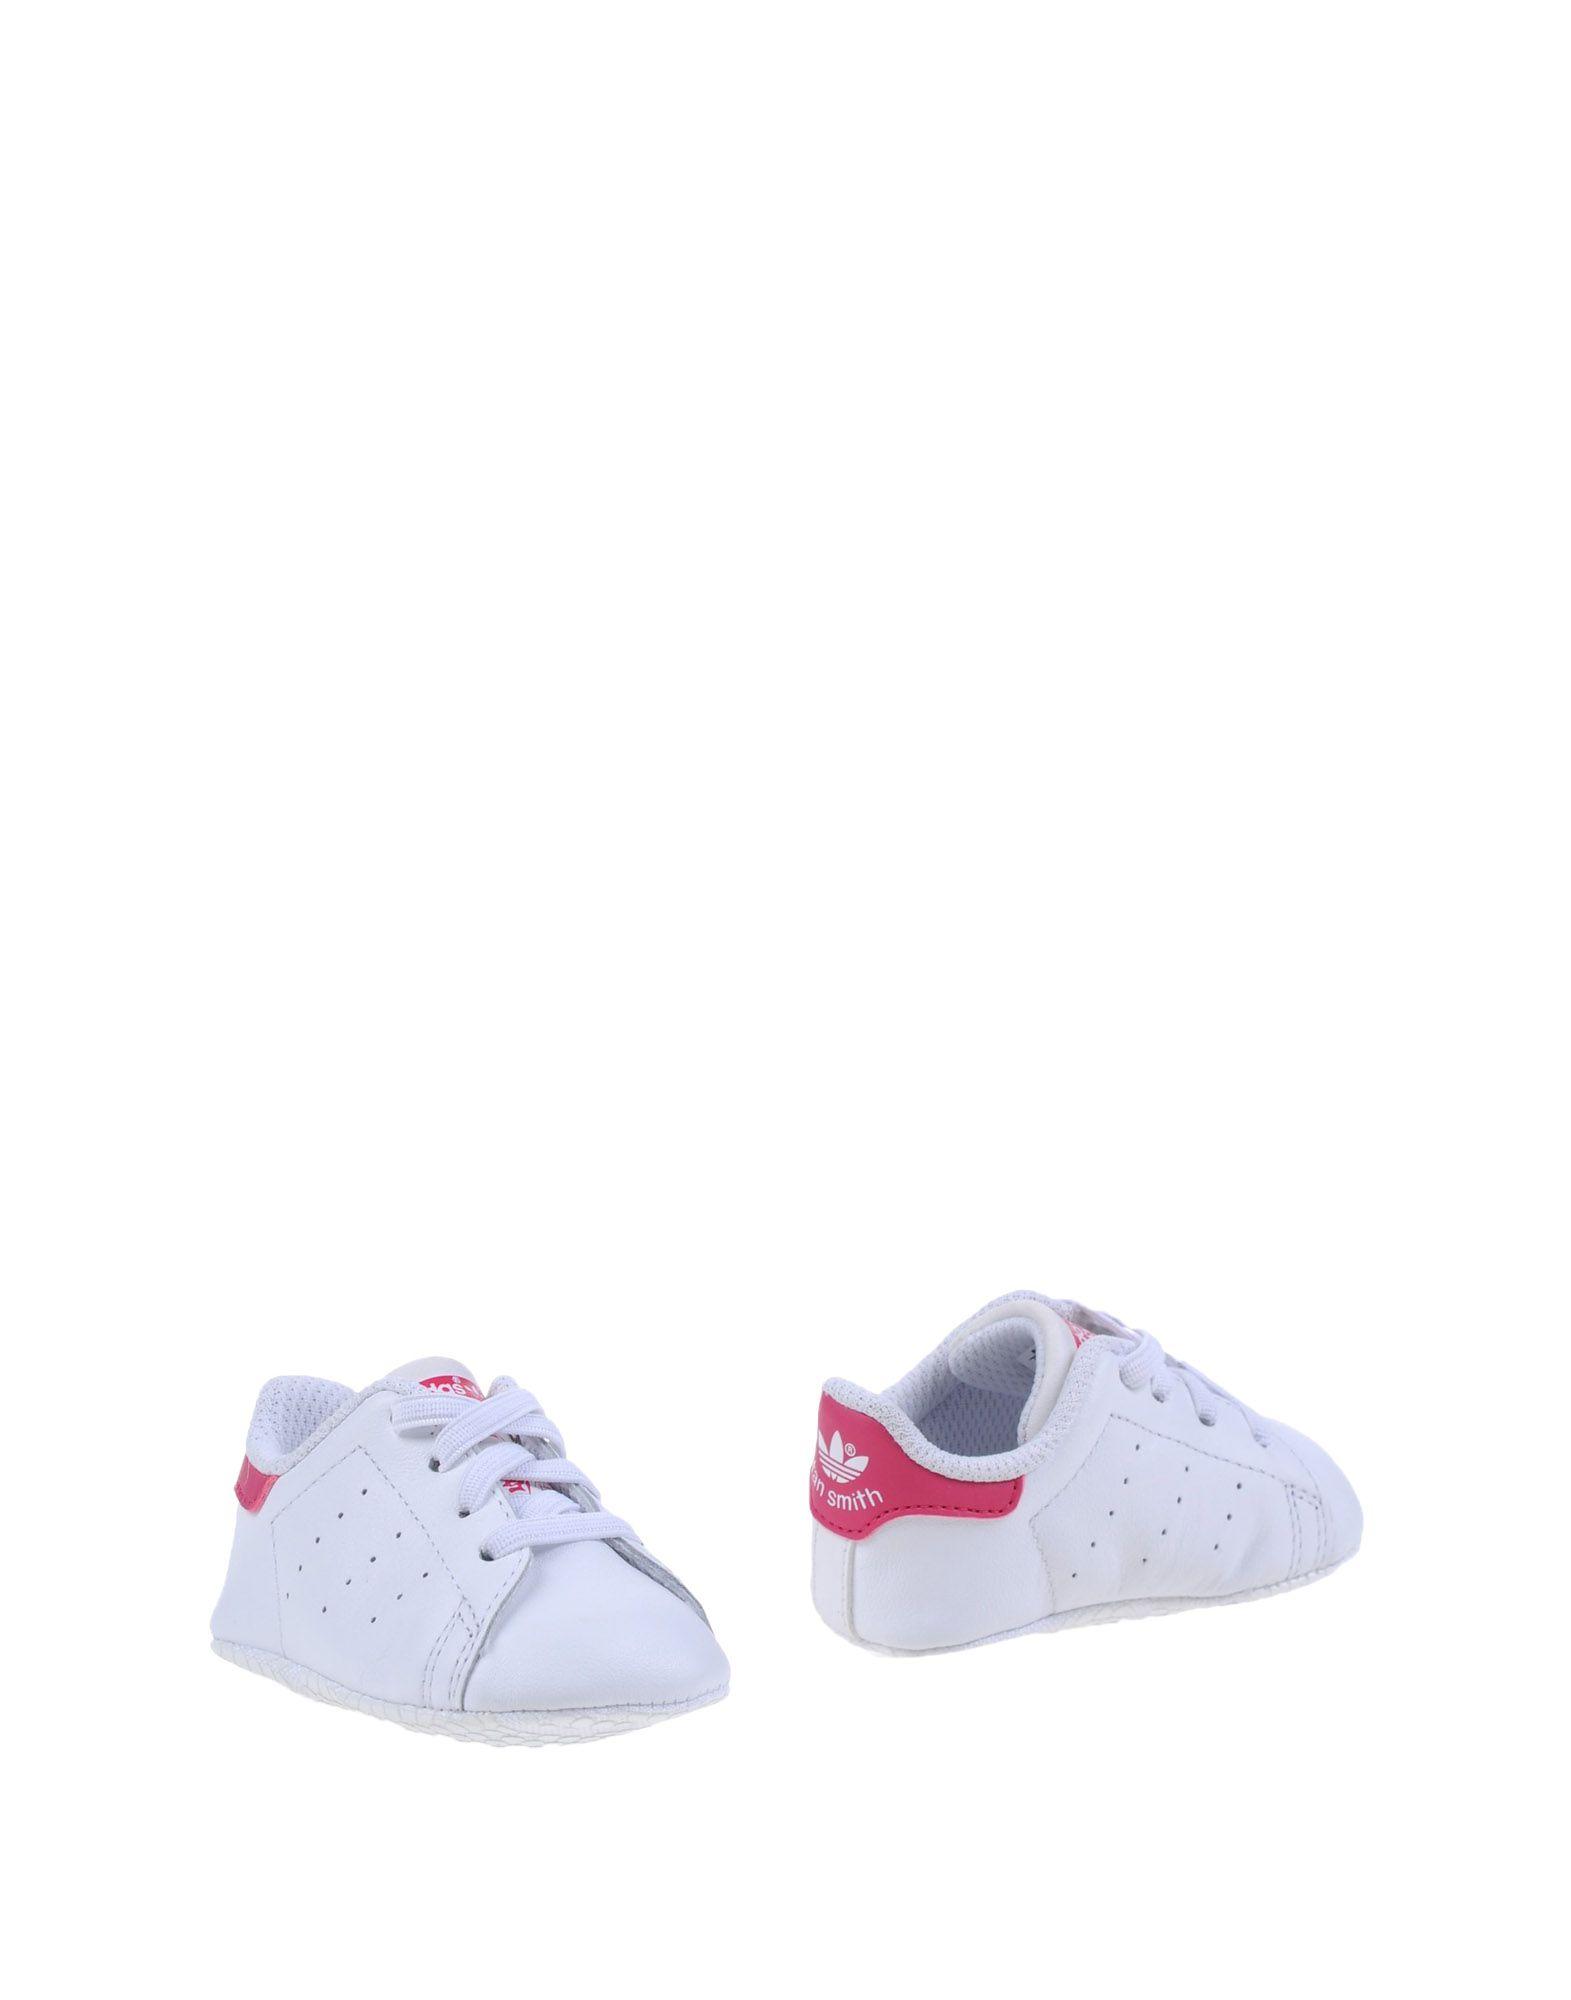 ADIDAS ORIGINALS Обувь для новорожденных обувь для борьбы adidas combat speed iv